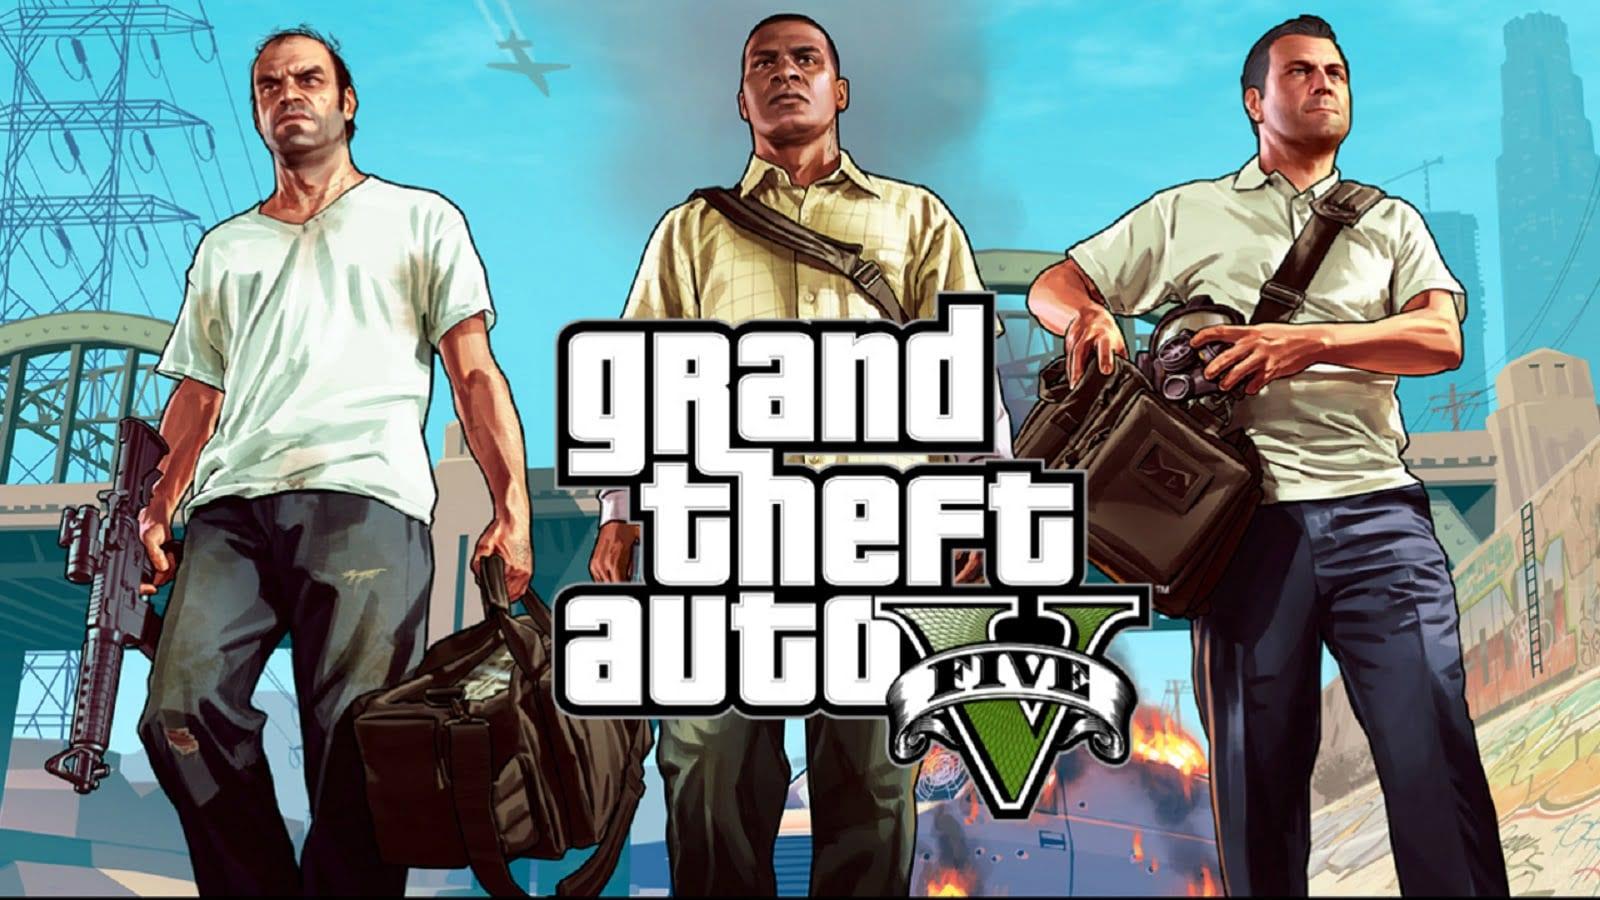 Невероятная щедрость: В Epic Games Store можно бесплатно получить Grand Theft Auto V Premium Edition